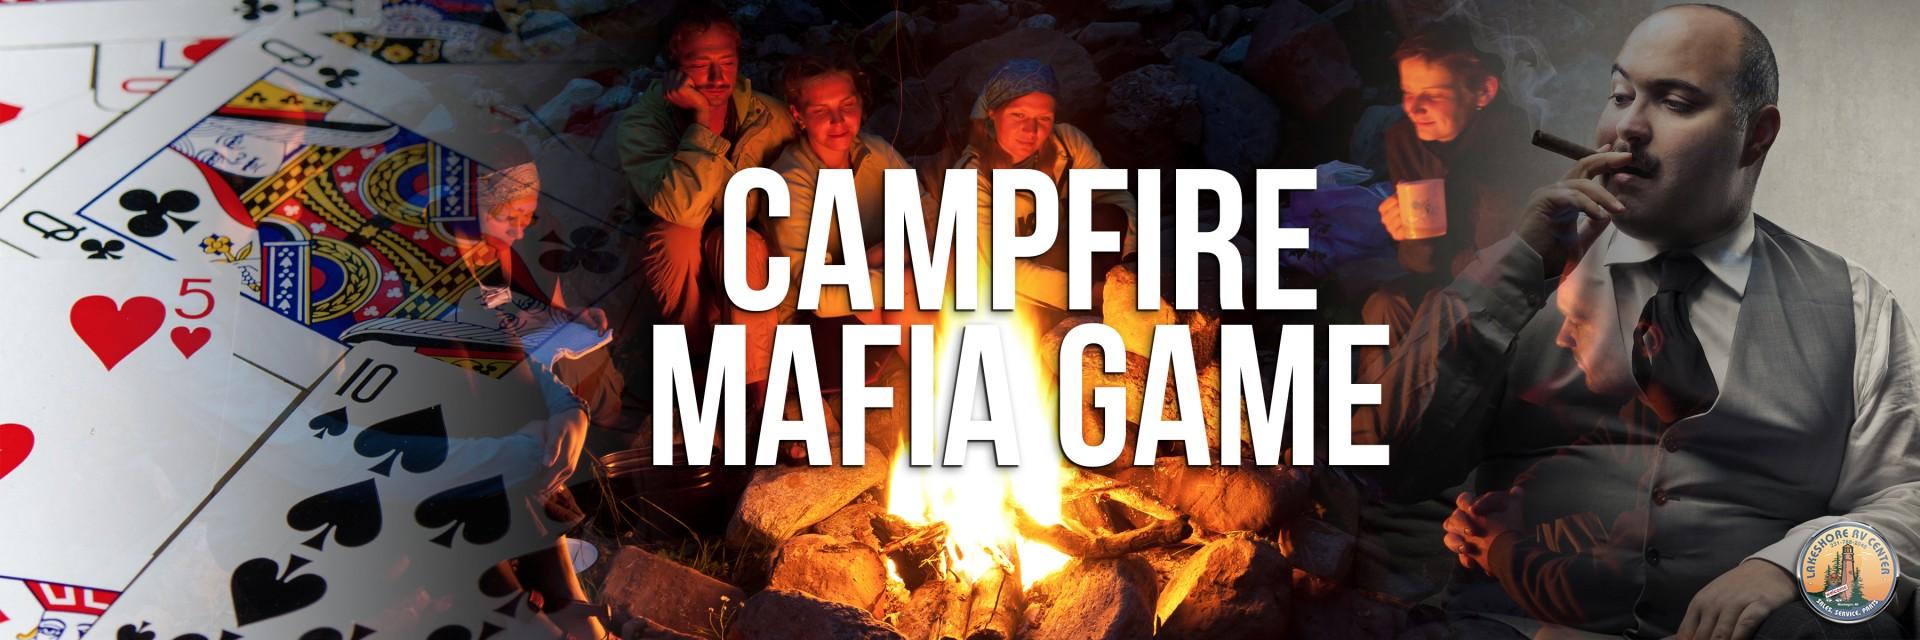 campfire mafia game banner